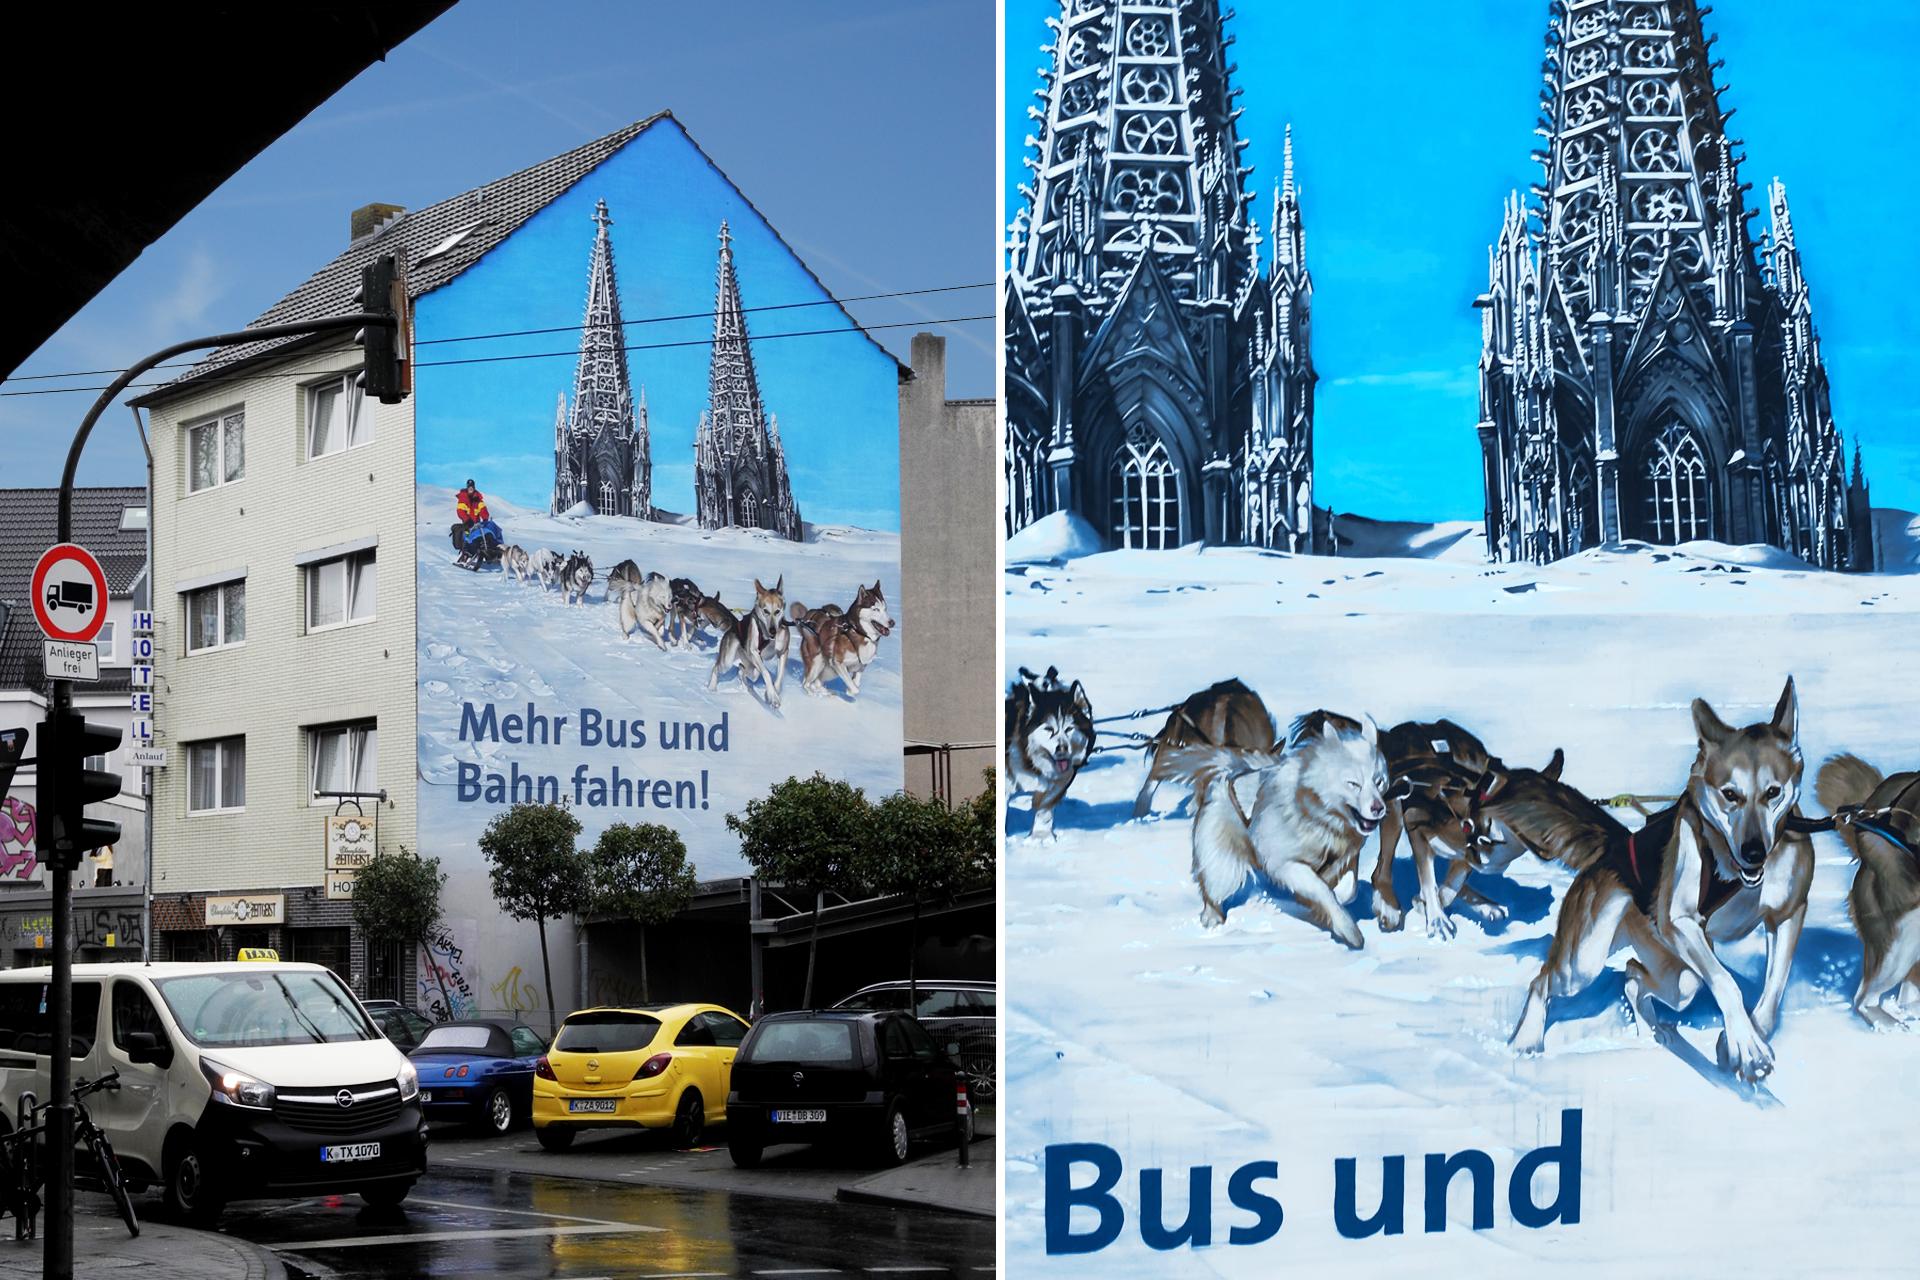 Mehr Bus und Bahn fahren sagt das Mural in der Kölner Innenstadt. Verantwortlich dafür: CROMATICS